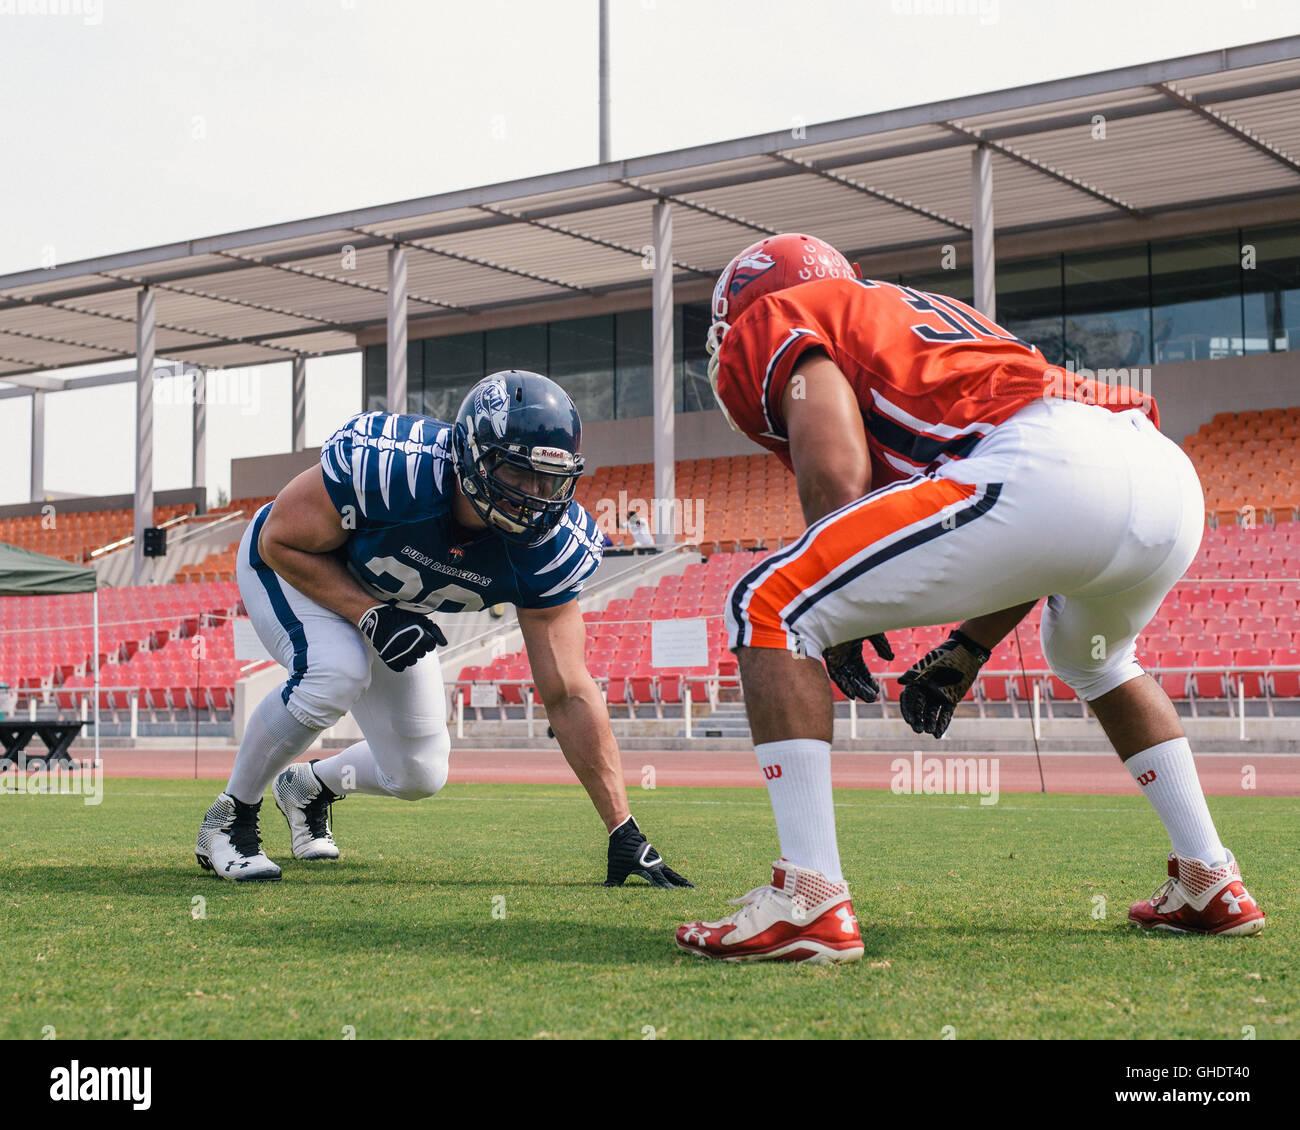 American football giocatori si affrontano durante una sessione di formazione. Immagini Stock